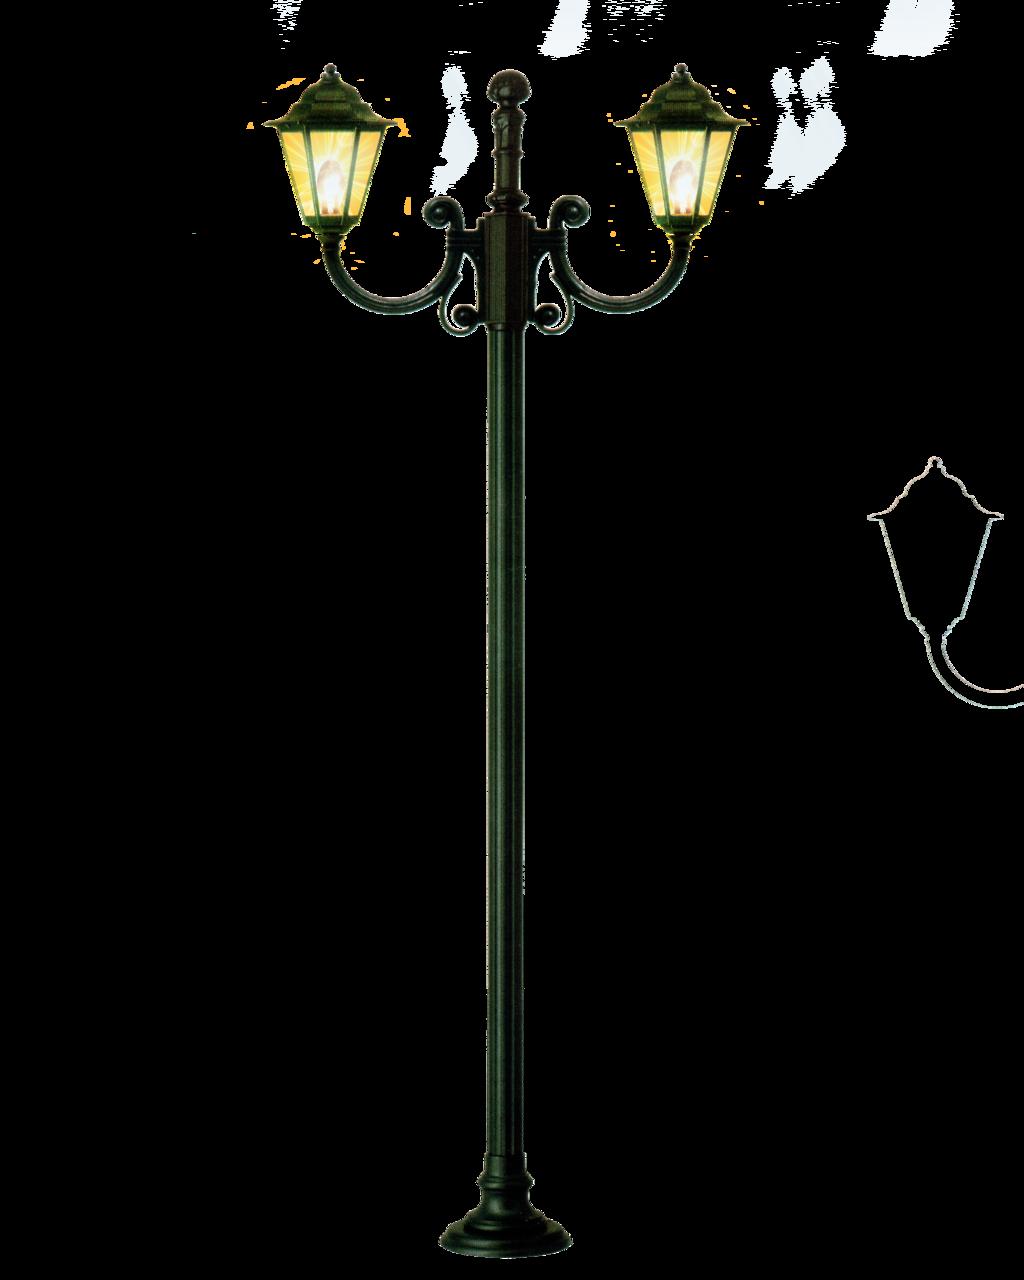 Narnia Lamp Post Drawing